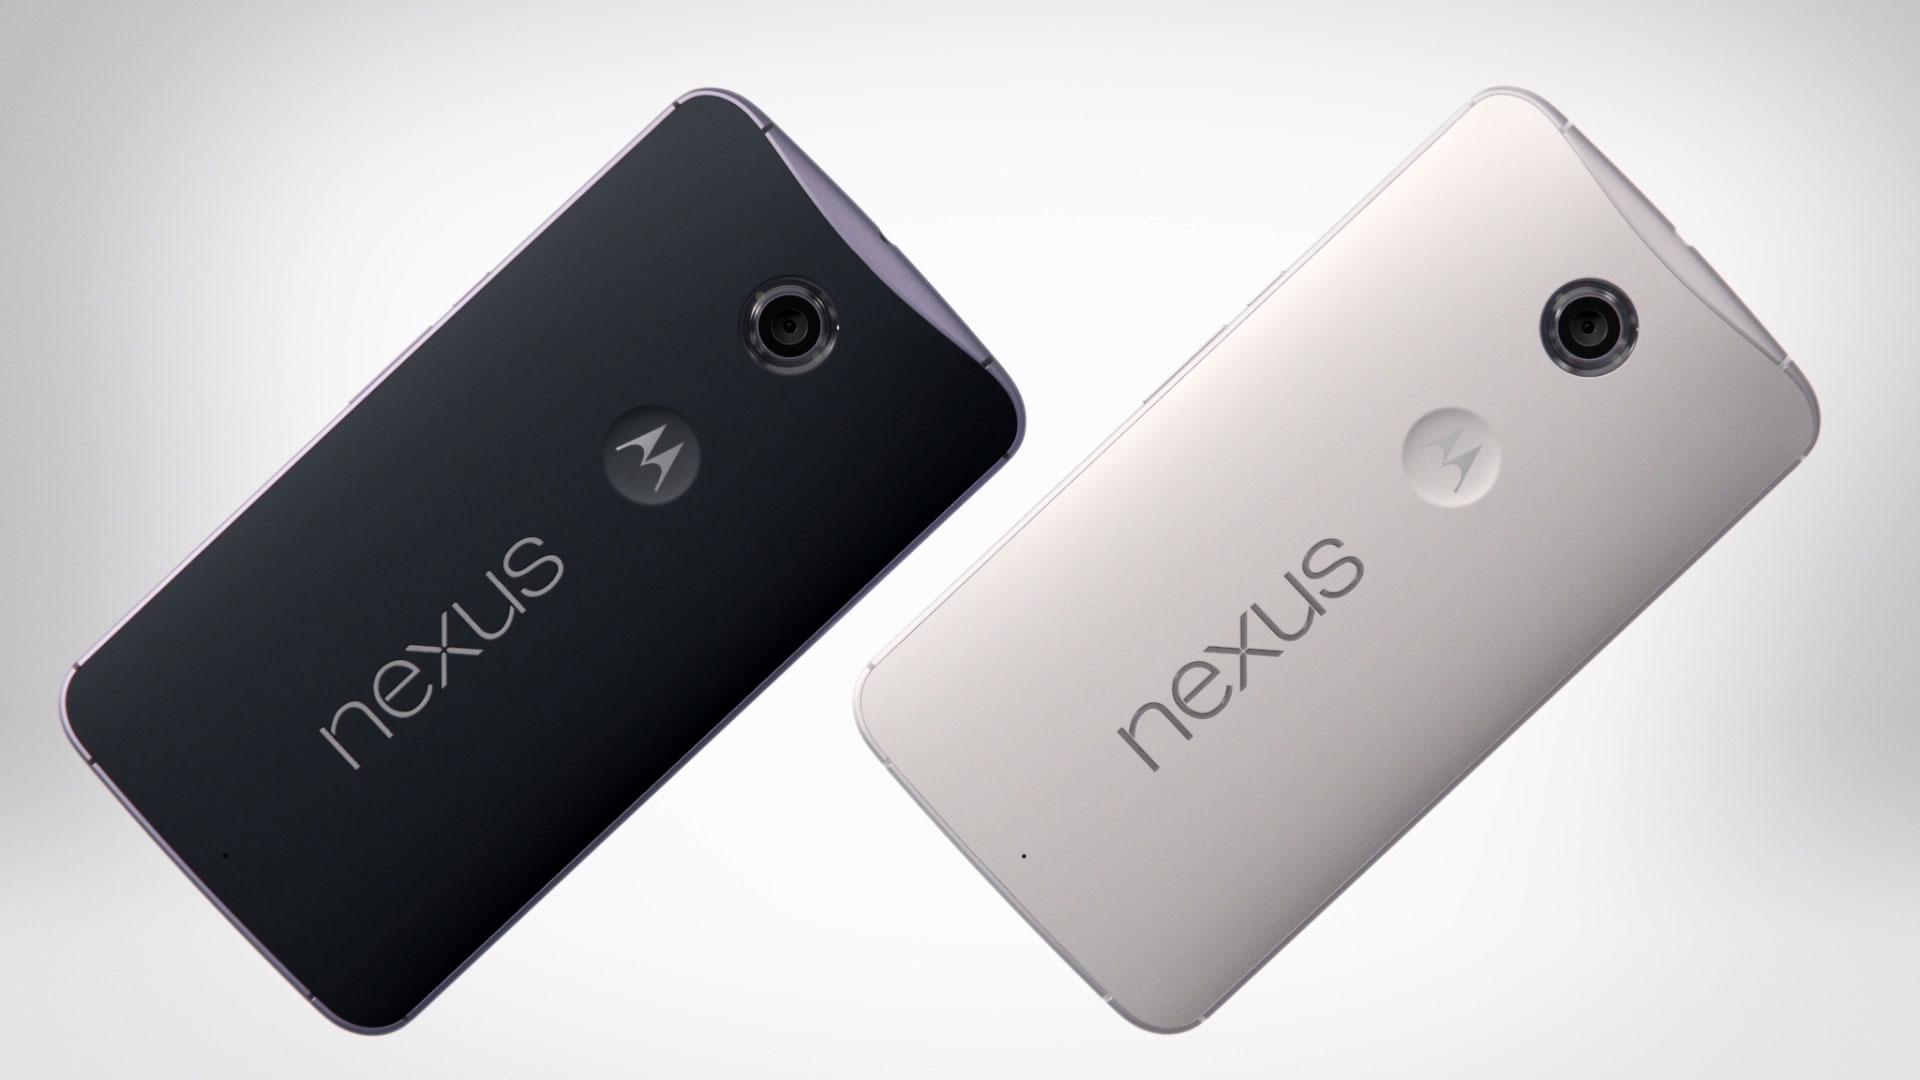 Google Nexus 6 istifadəçiləri şikayət edirlər. Səbəb nədir?